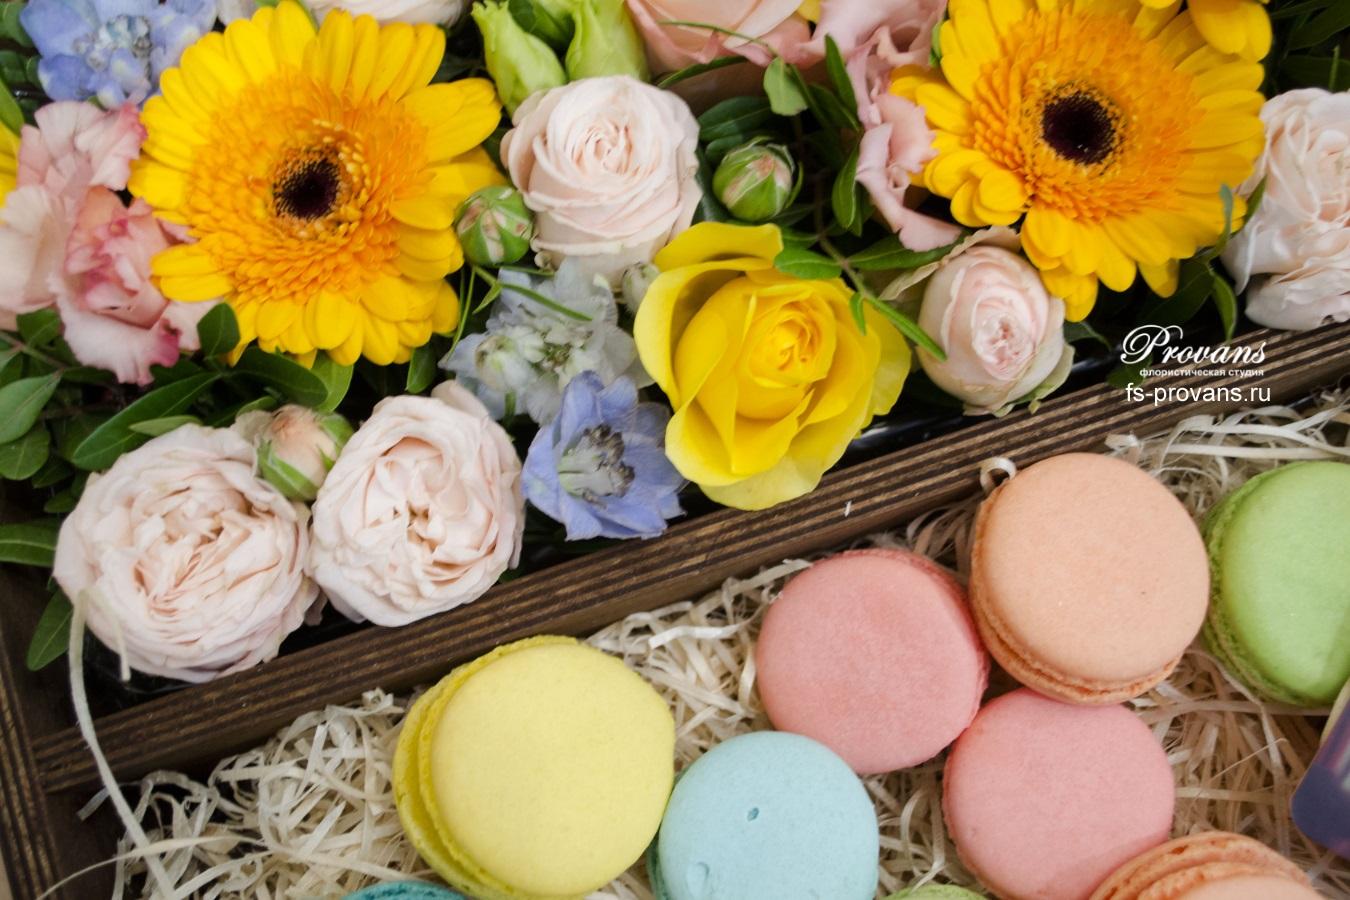 Подарок на юбилей. Цветы и сладости в коробке